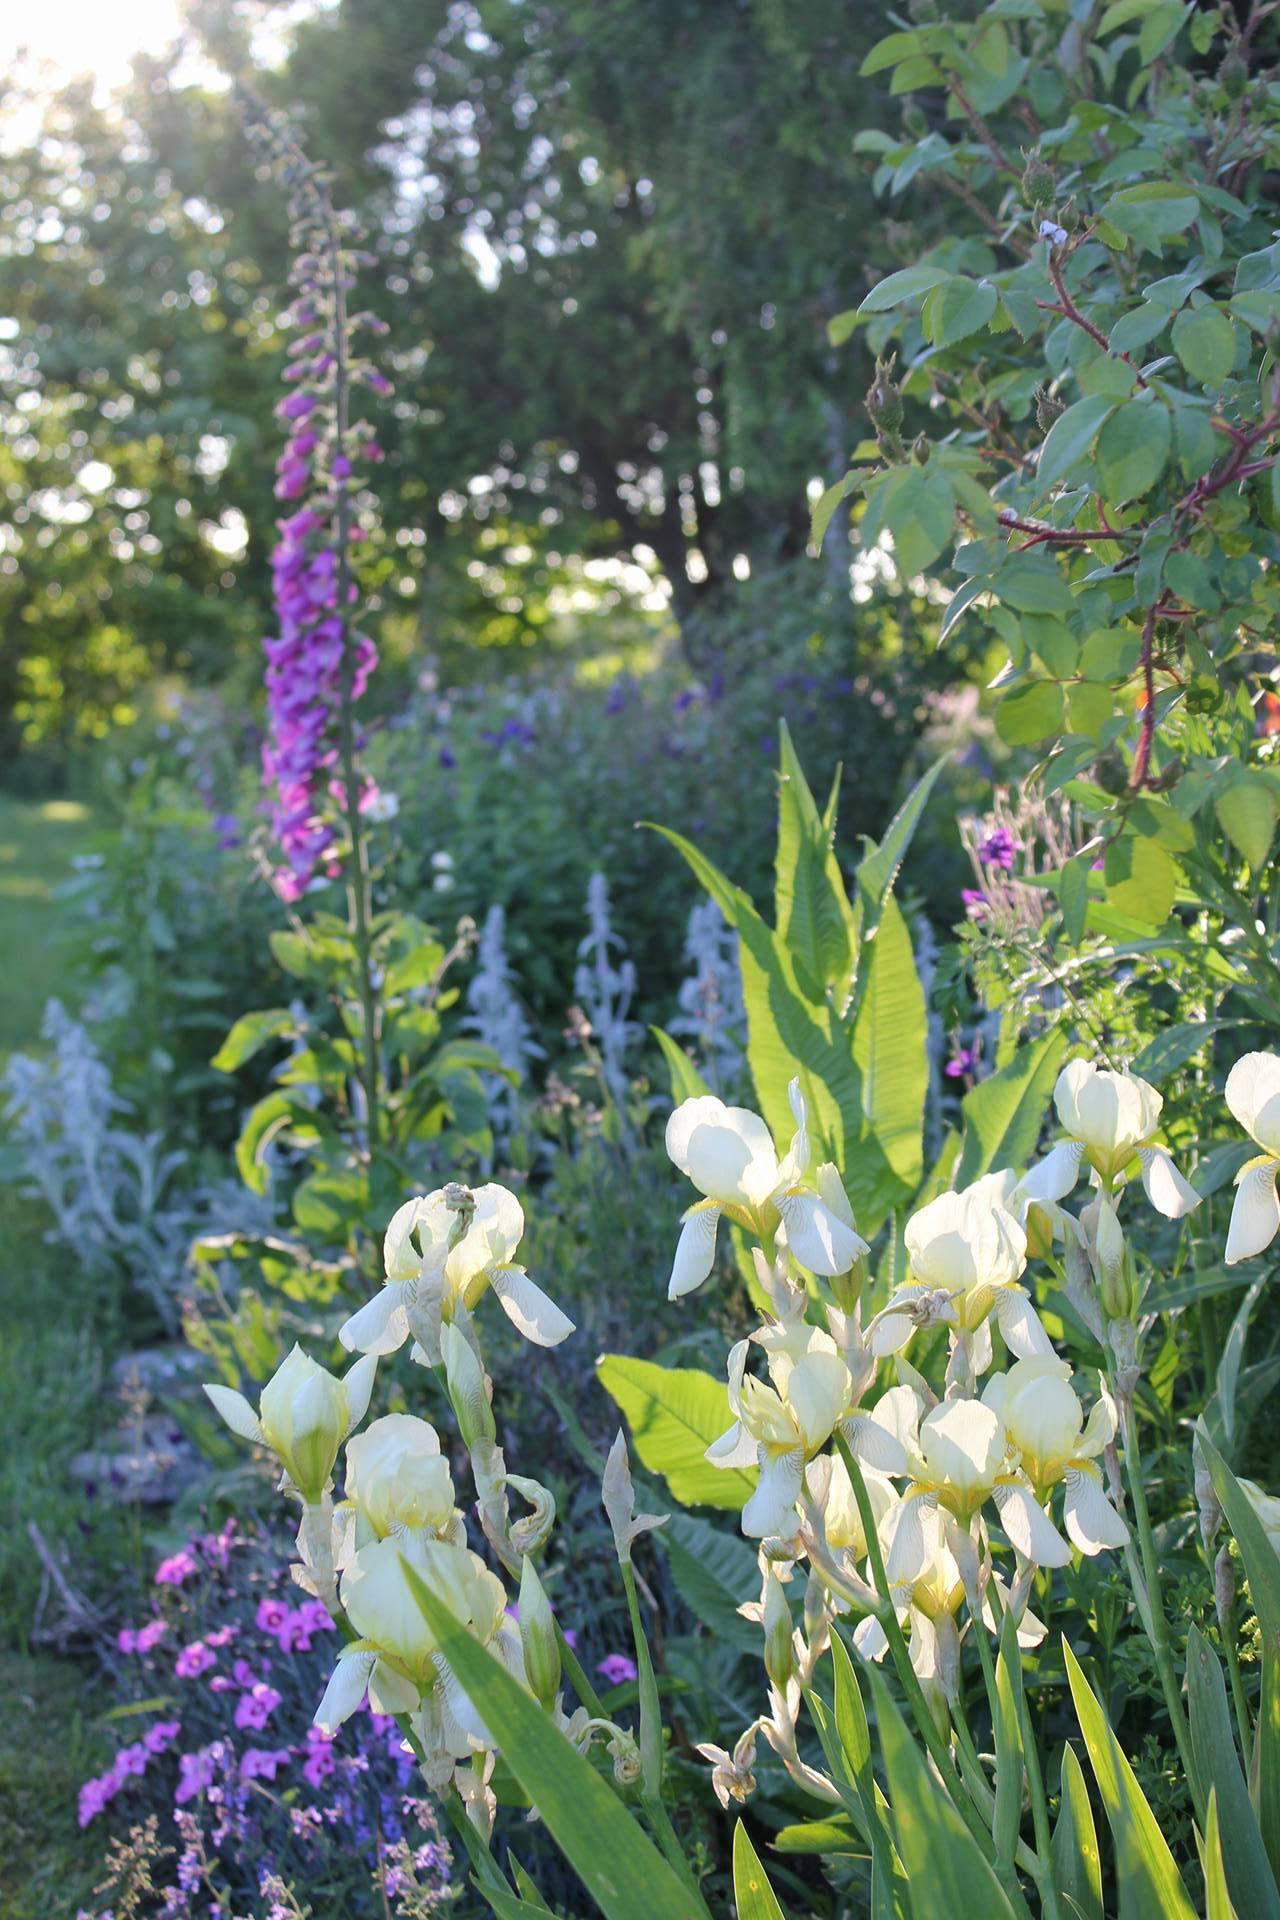 Hedgerow's garden in June. Nova Scotian cottage garden.